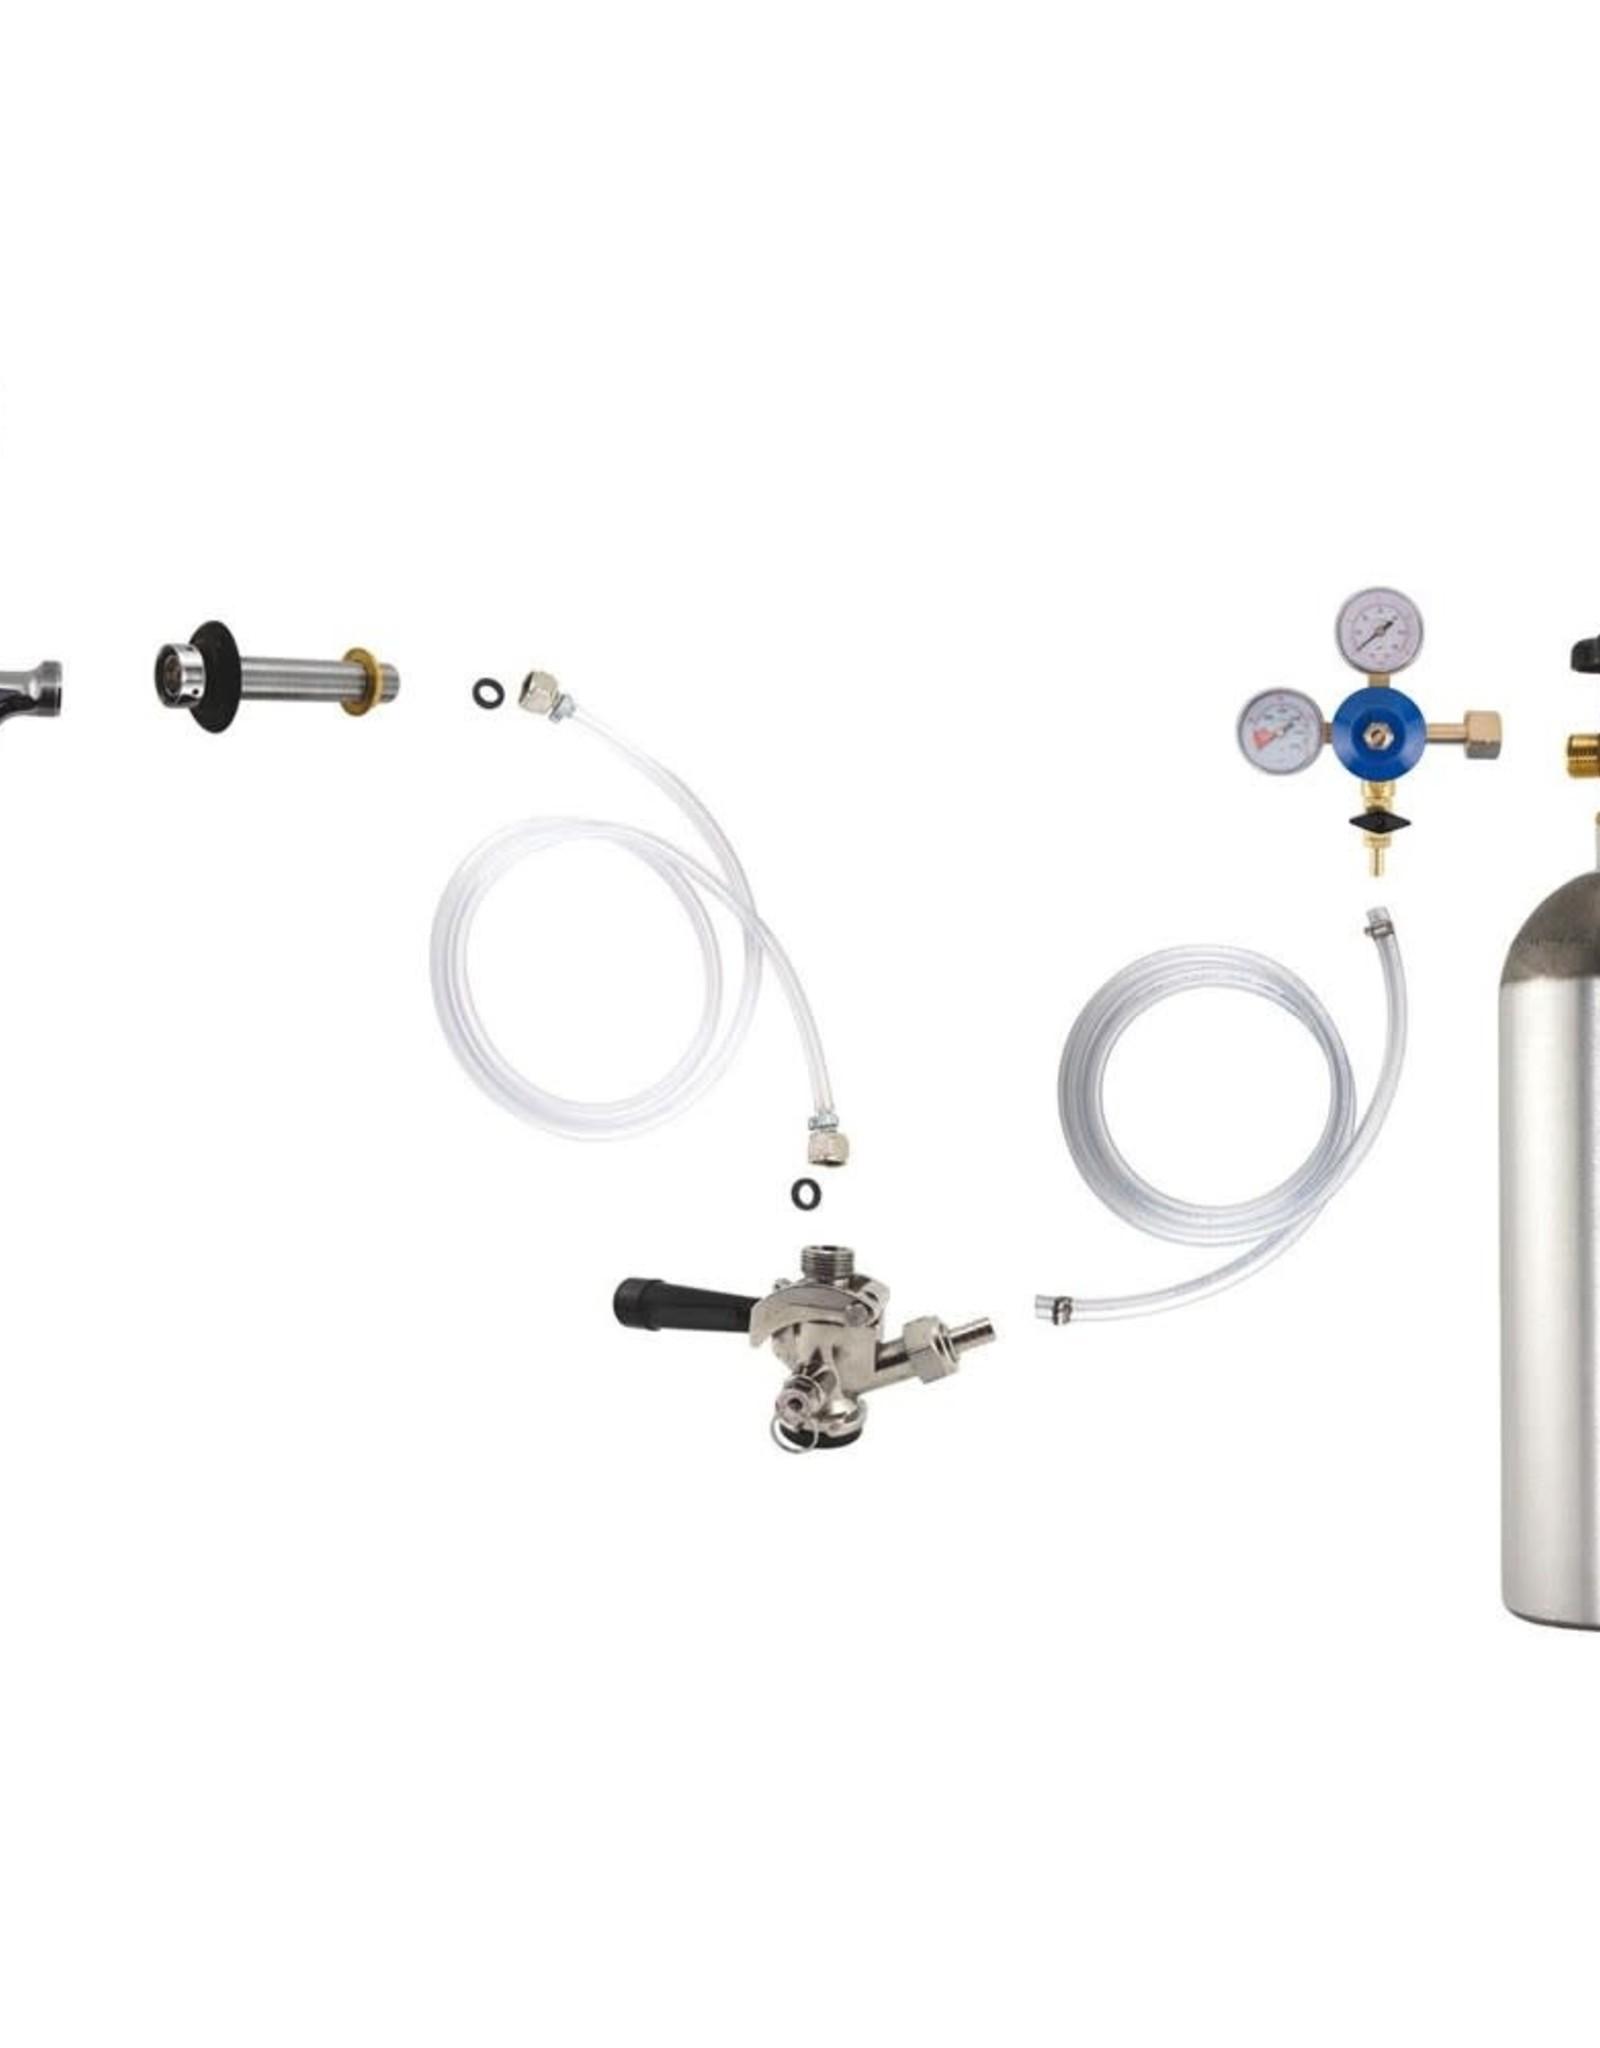 Door mount fridge conversion kit (1 keg)